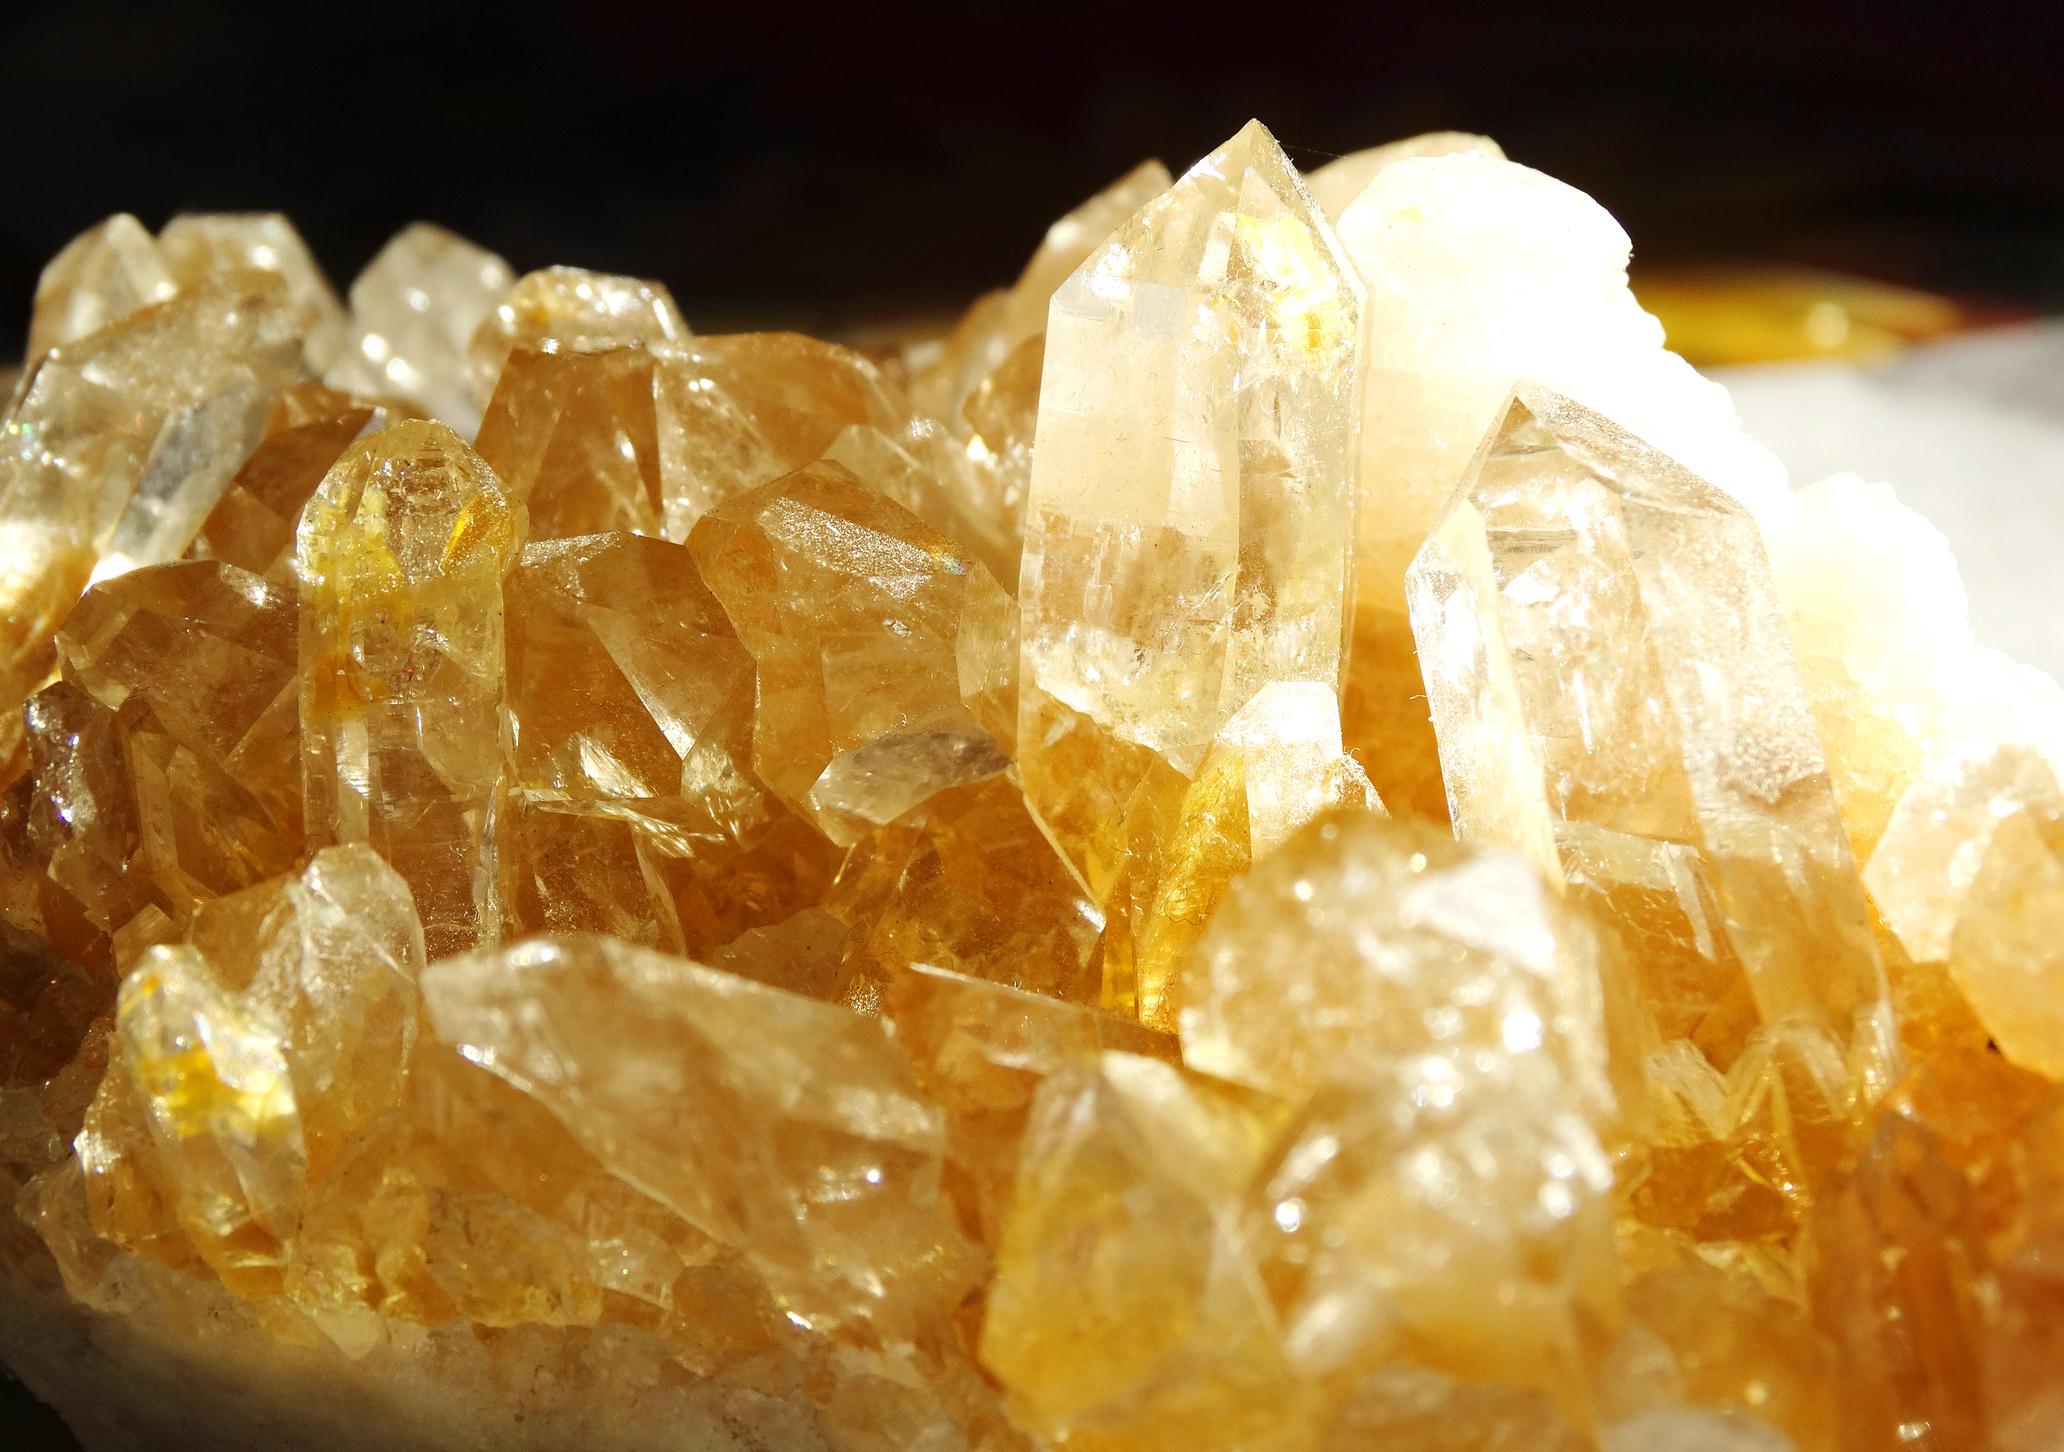 Цитрин- той е скъпоценен камък. Цитринът лесно се създава изкуствено чрез нягряване на аметист (лилавата разновидност на кварца), докато приеме желаното жълто оцветяване. За него се говори, че действа успокояващо.